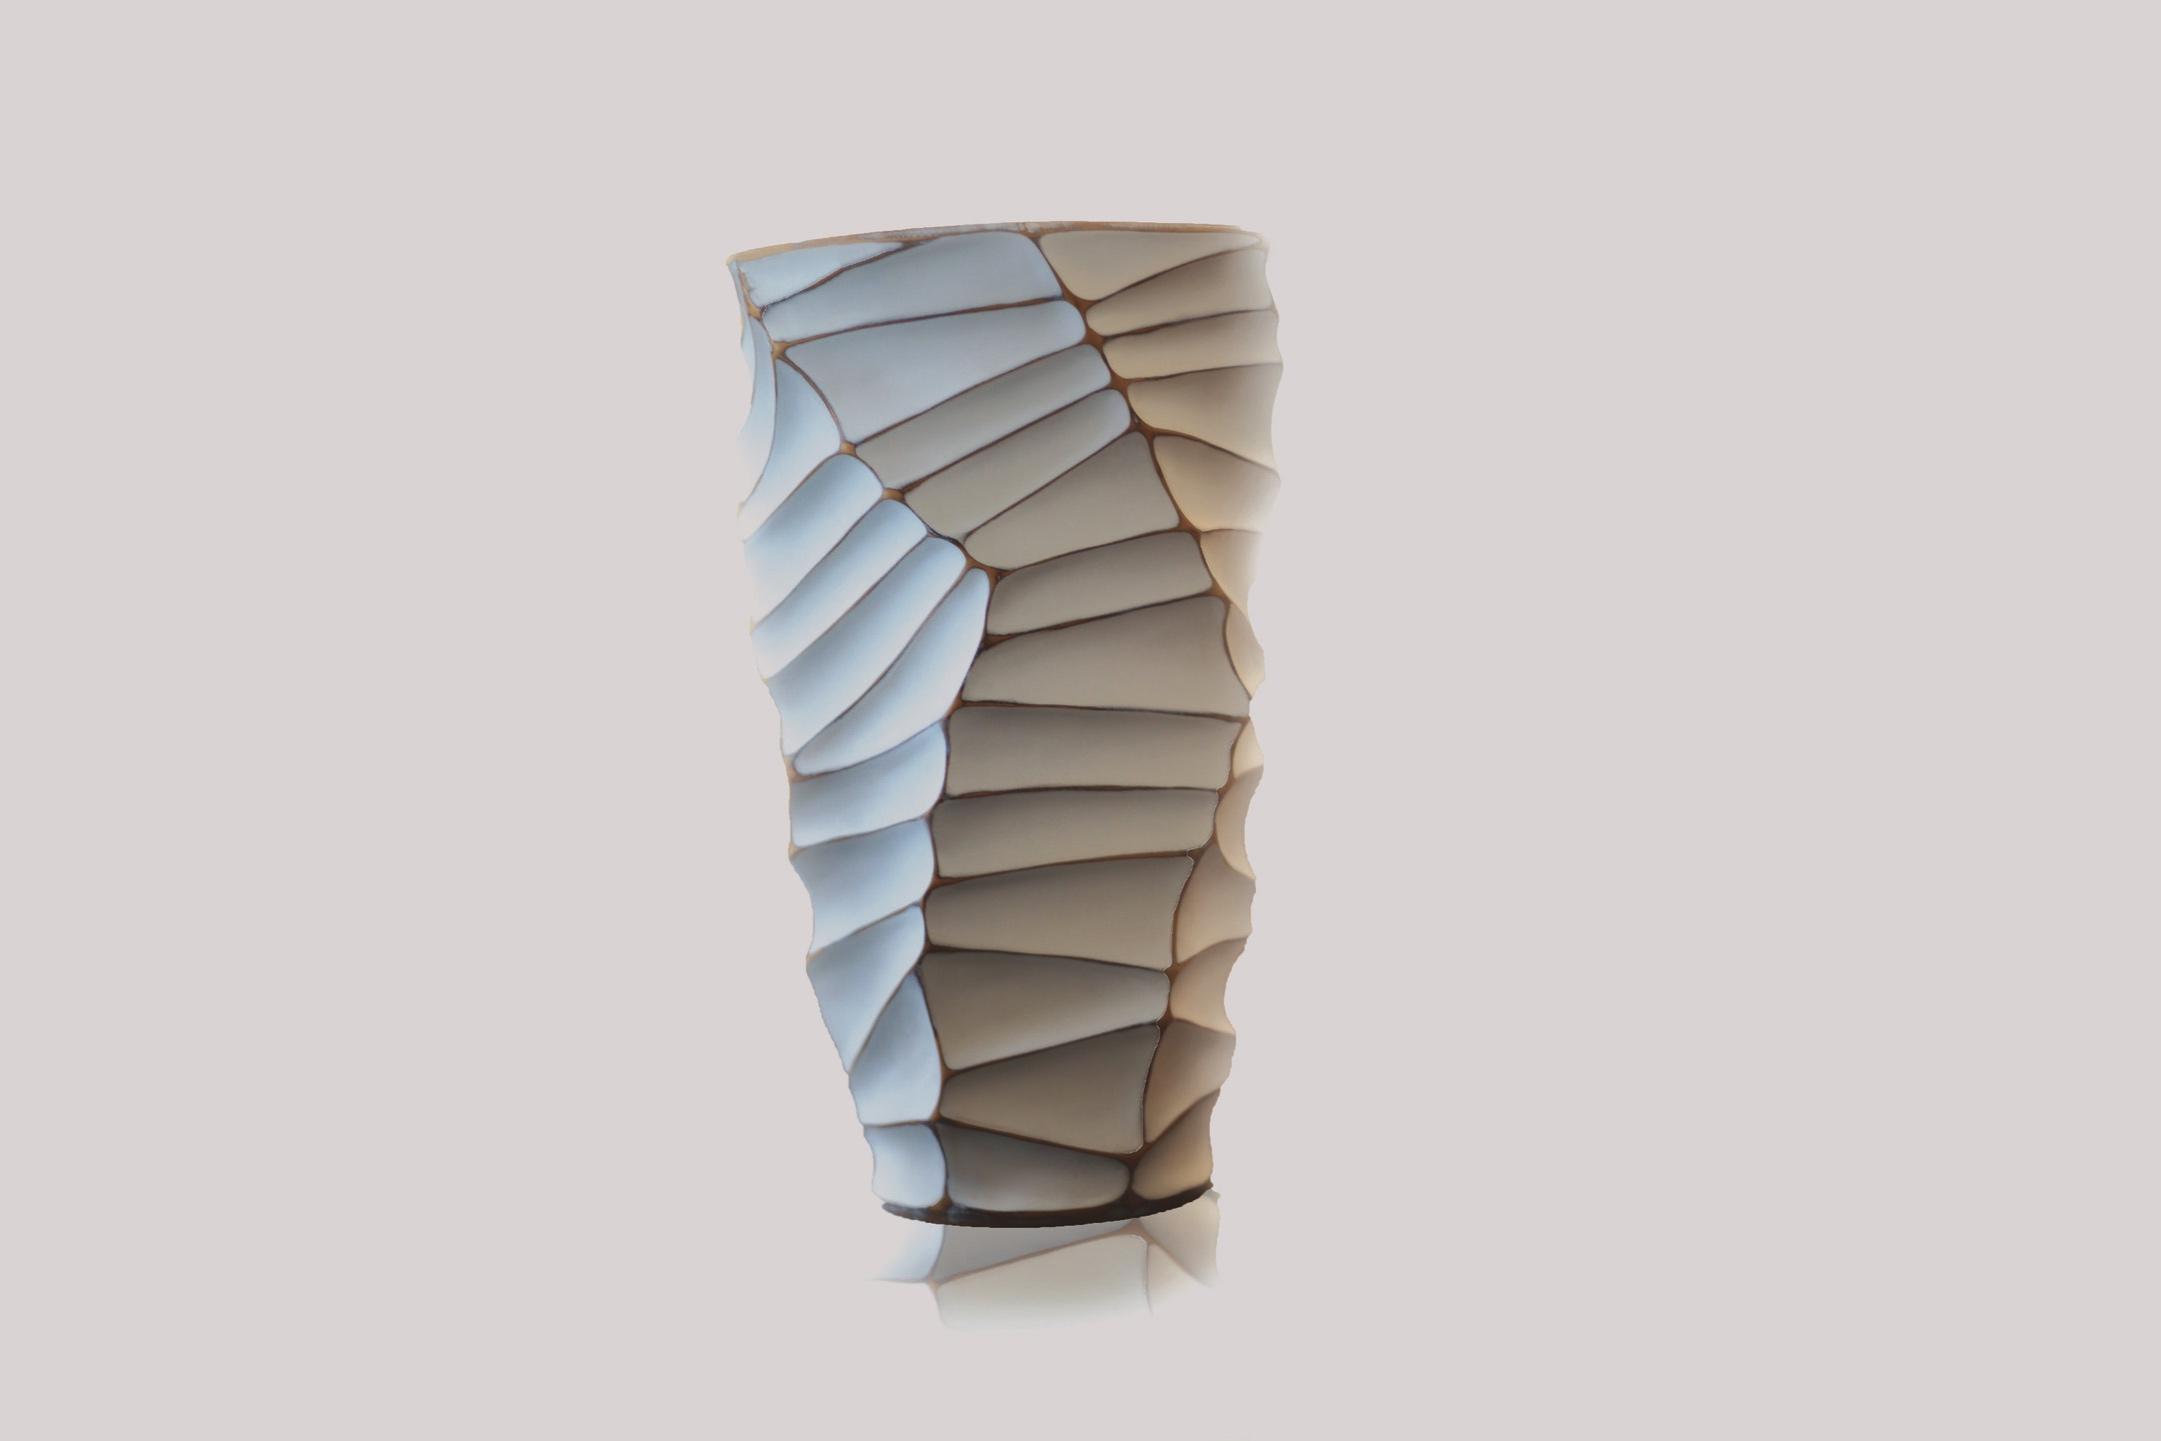 junges Design - Vasen, Gefäße und Dekorationen von anderen Herstellern. Junges Design mit klaren Linien und moderner Formsprache